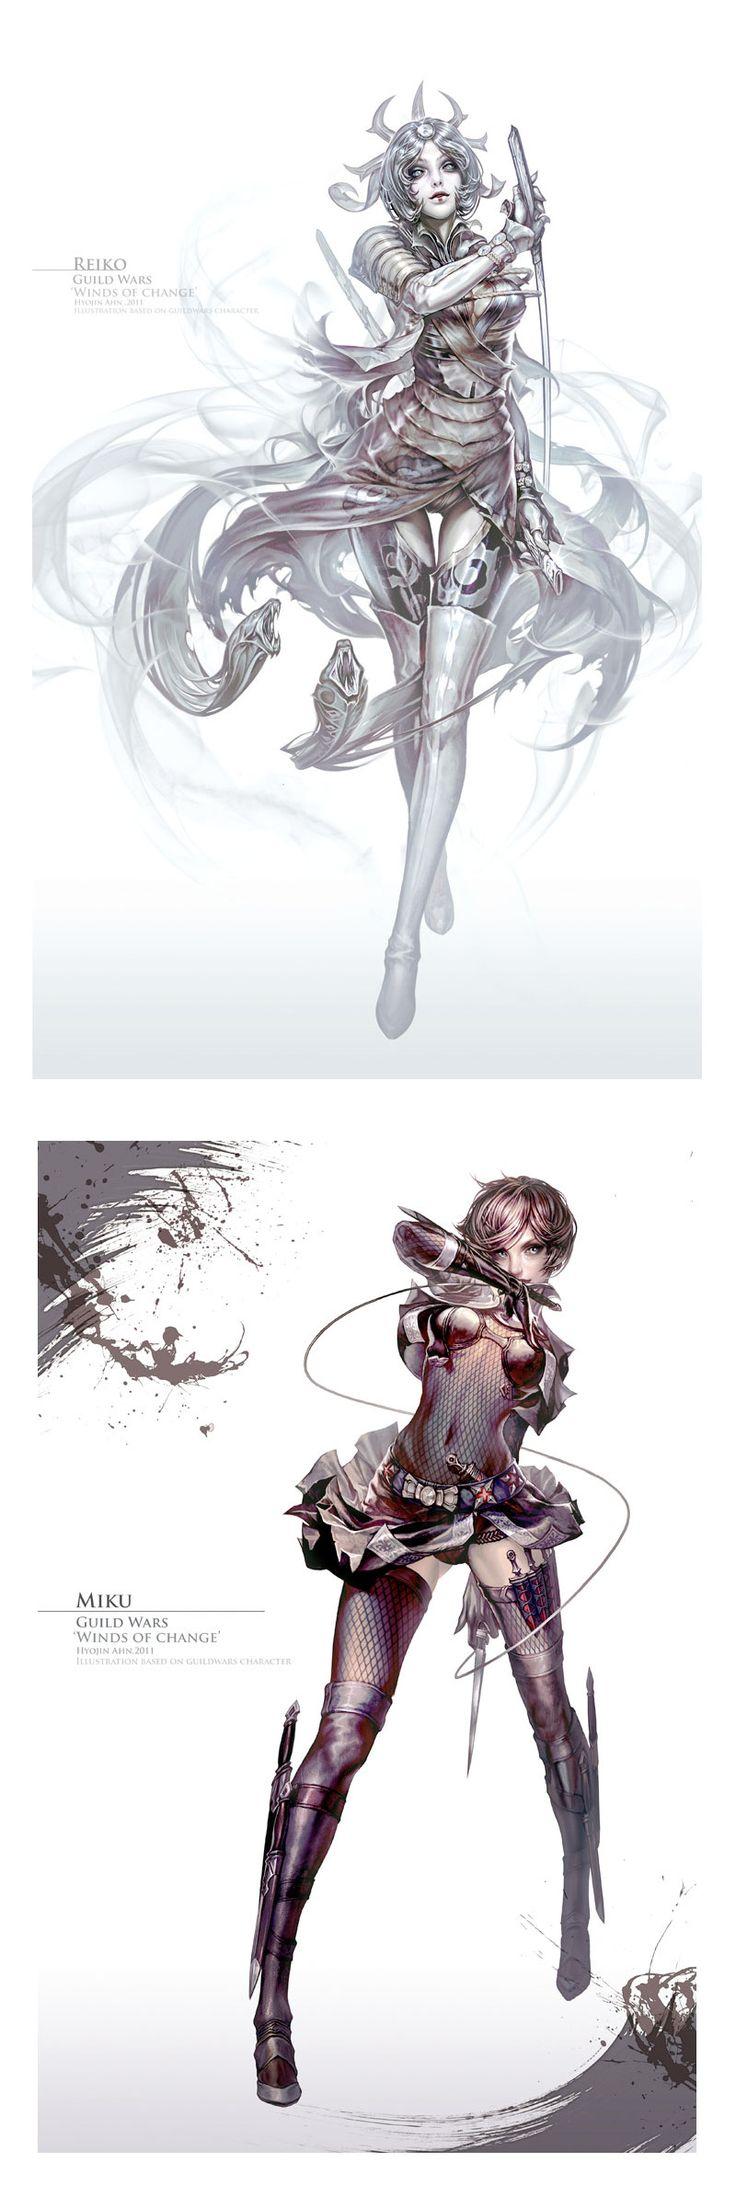 http://theconceptartblog.com/wp-content/uploads/2013/07/GuildWars2-Hyojin-Ahn-3.jpg